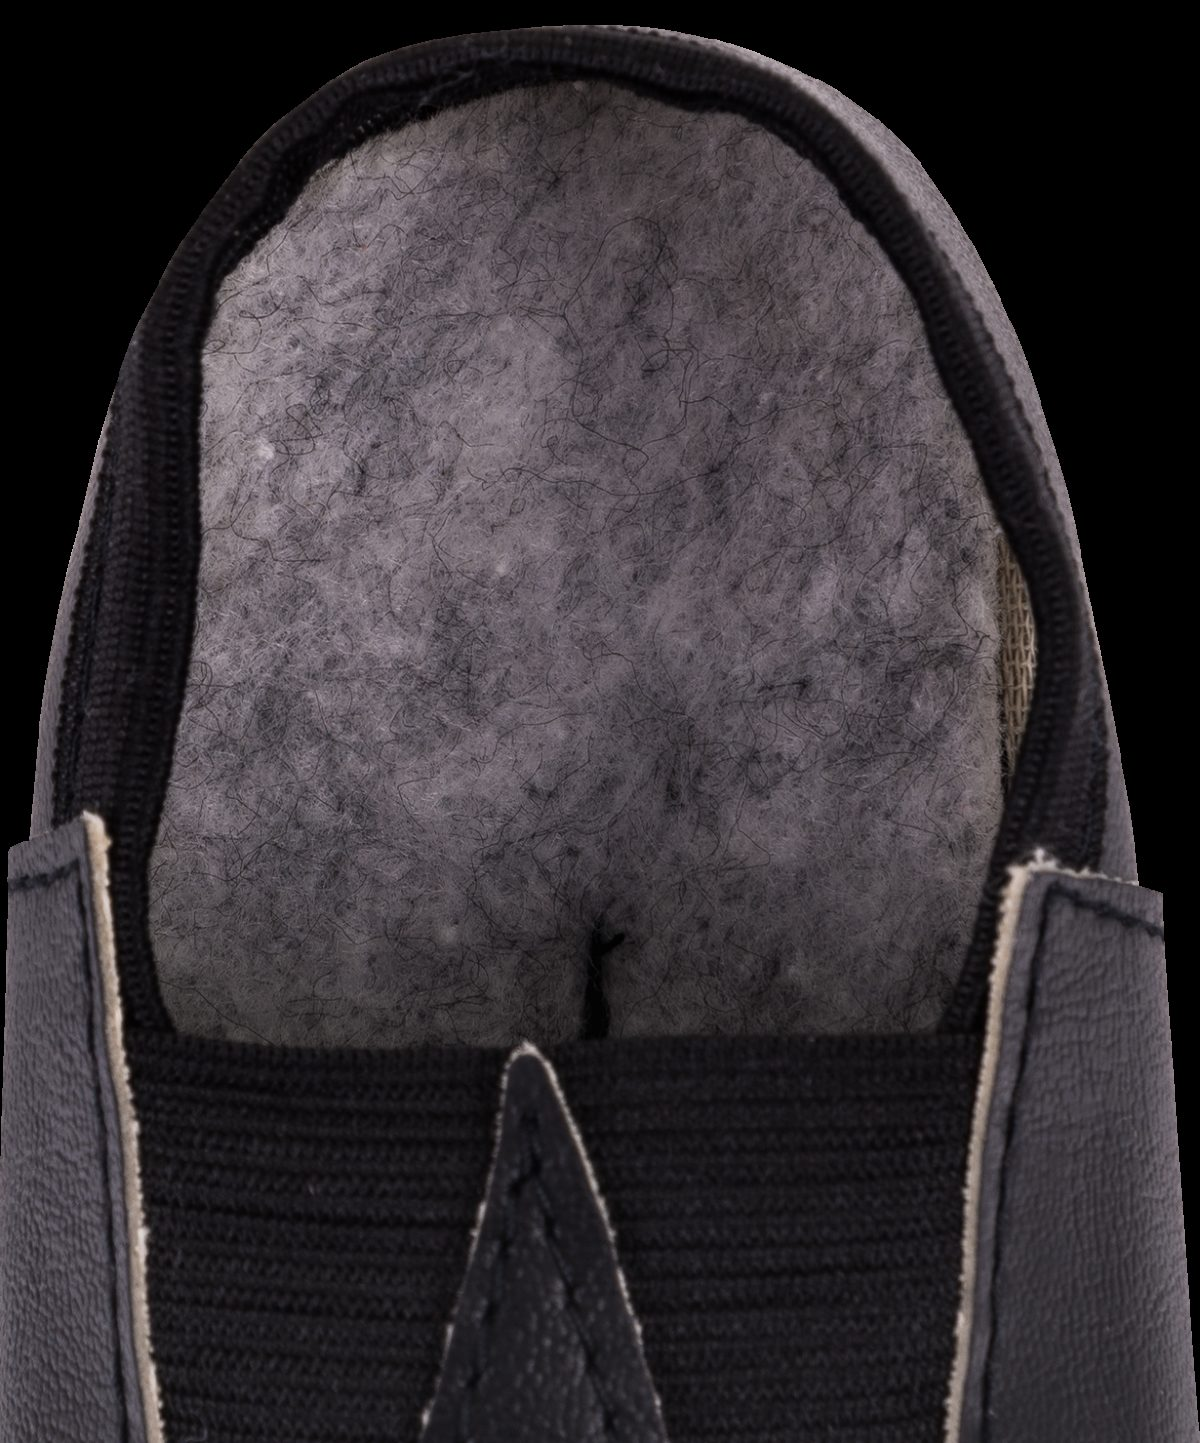 Чешки классические кожзам  3740: чёрный - 2